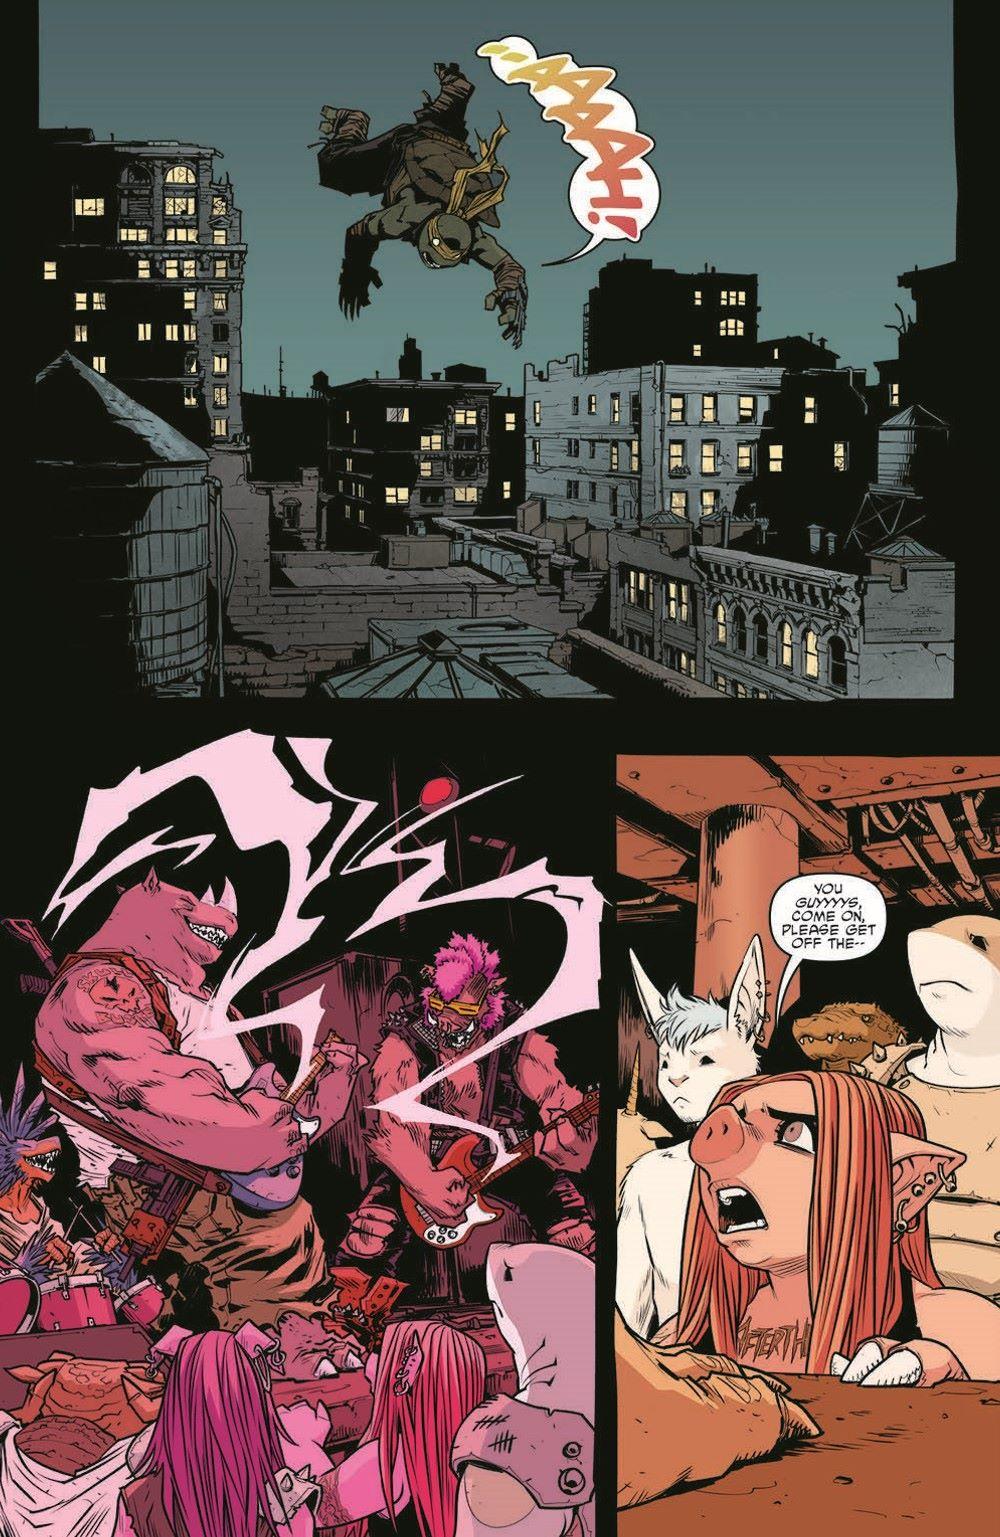 TMNT115_pr-3 ComicList Previews: TEENAGE MUTANT NINJA TURTLES #115